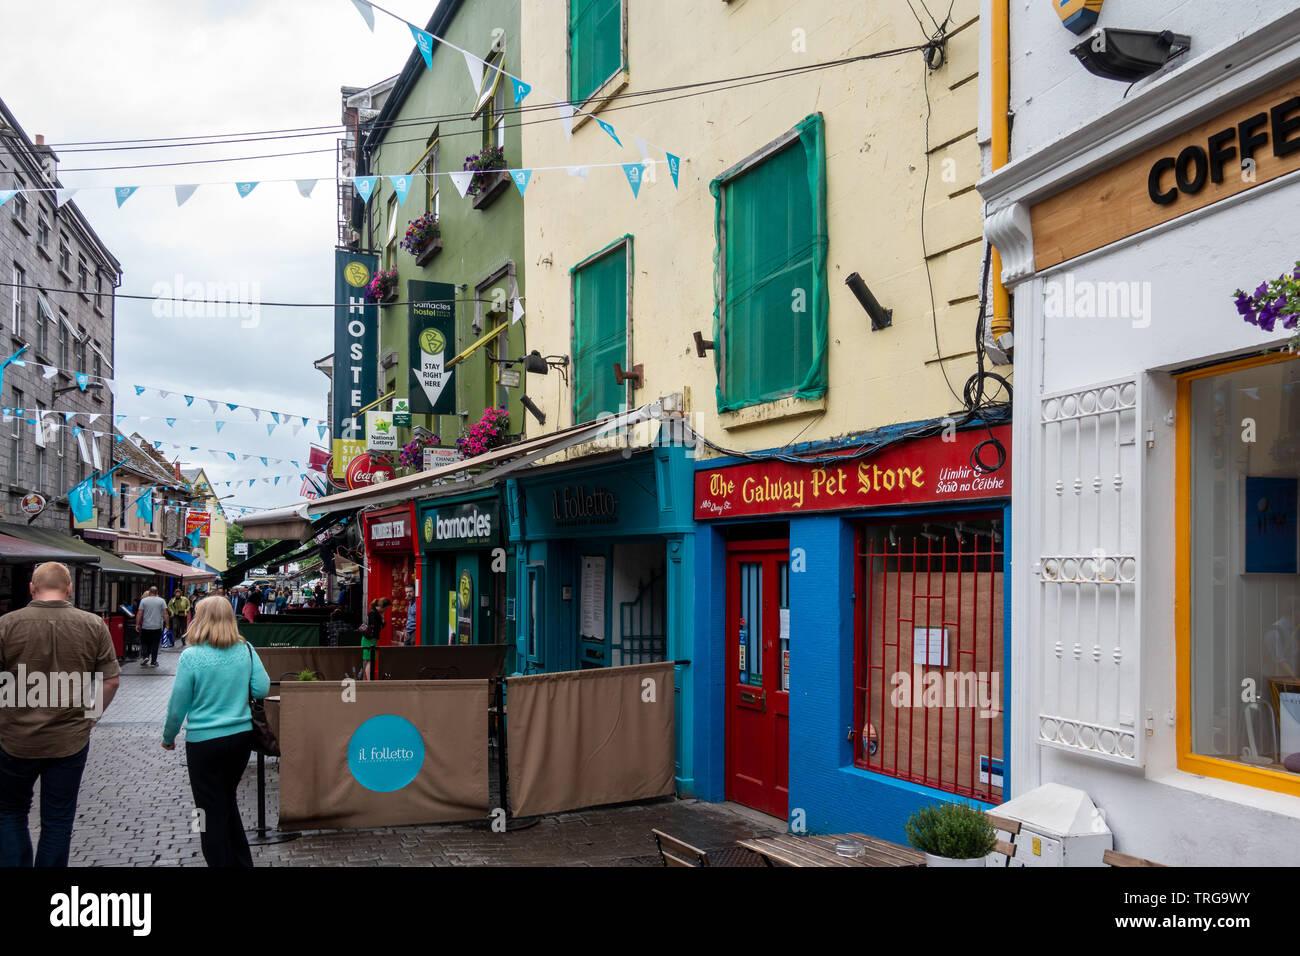 Street Scenes of Galway, Ireland - Stock Image